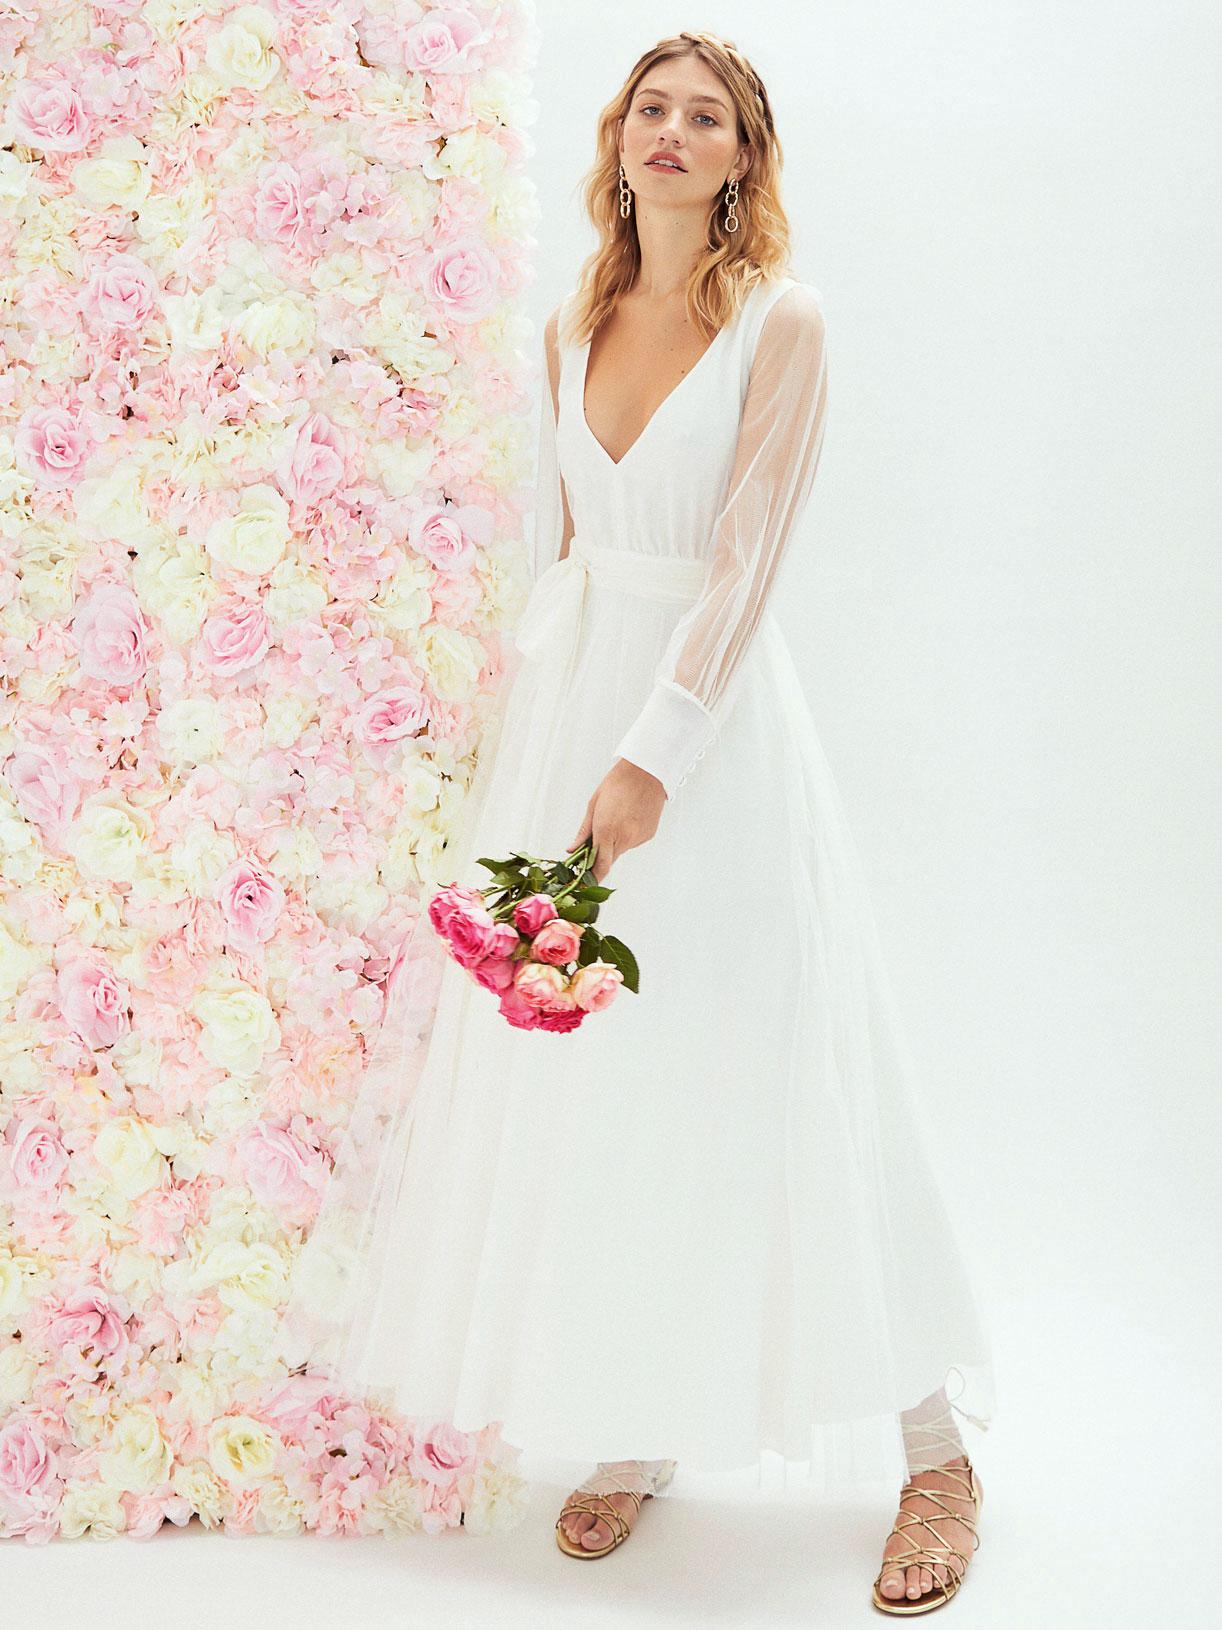 Robe de mariee princesse à manches longues et dos nu transparent sur mesure  - Creatrice de robe de mariée éthique et écoresponsable a Paris - Myphilosophy